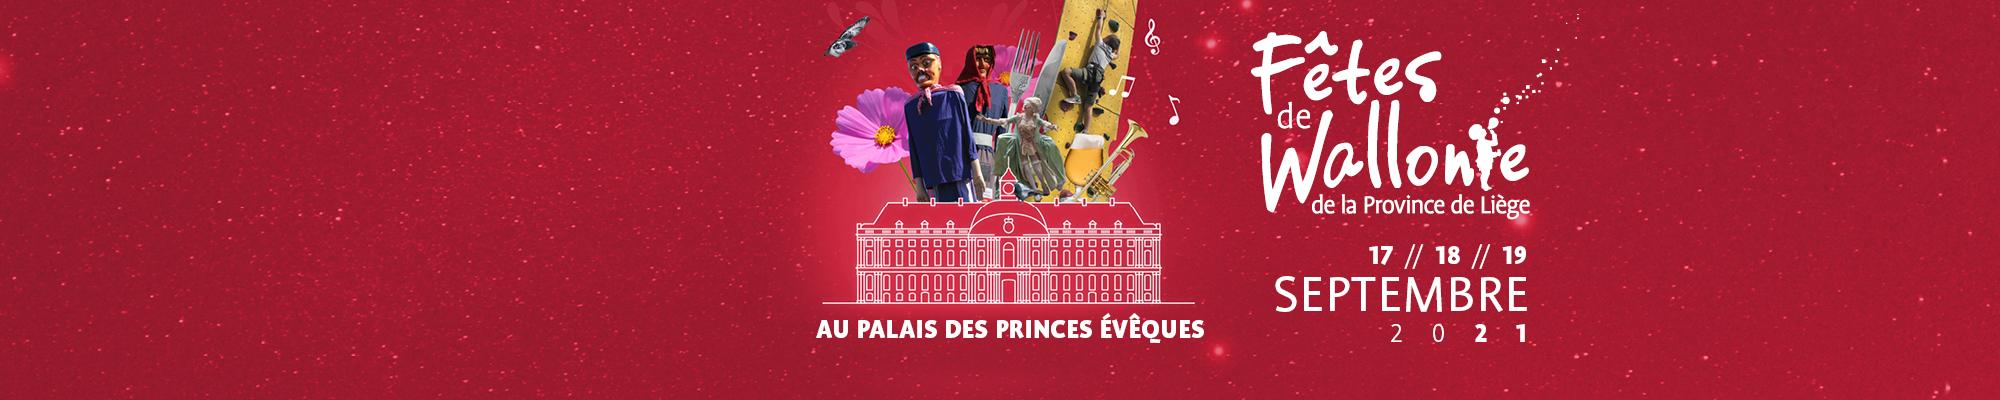 Les Fêtes de Wallonie de la Province de Liège sont de retour du vendredi 17 au dimanche 19 septembre